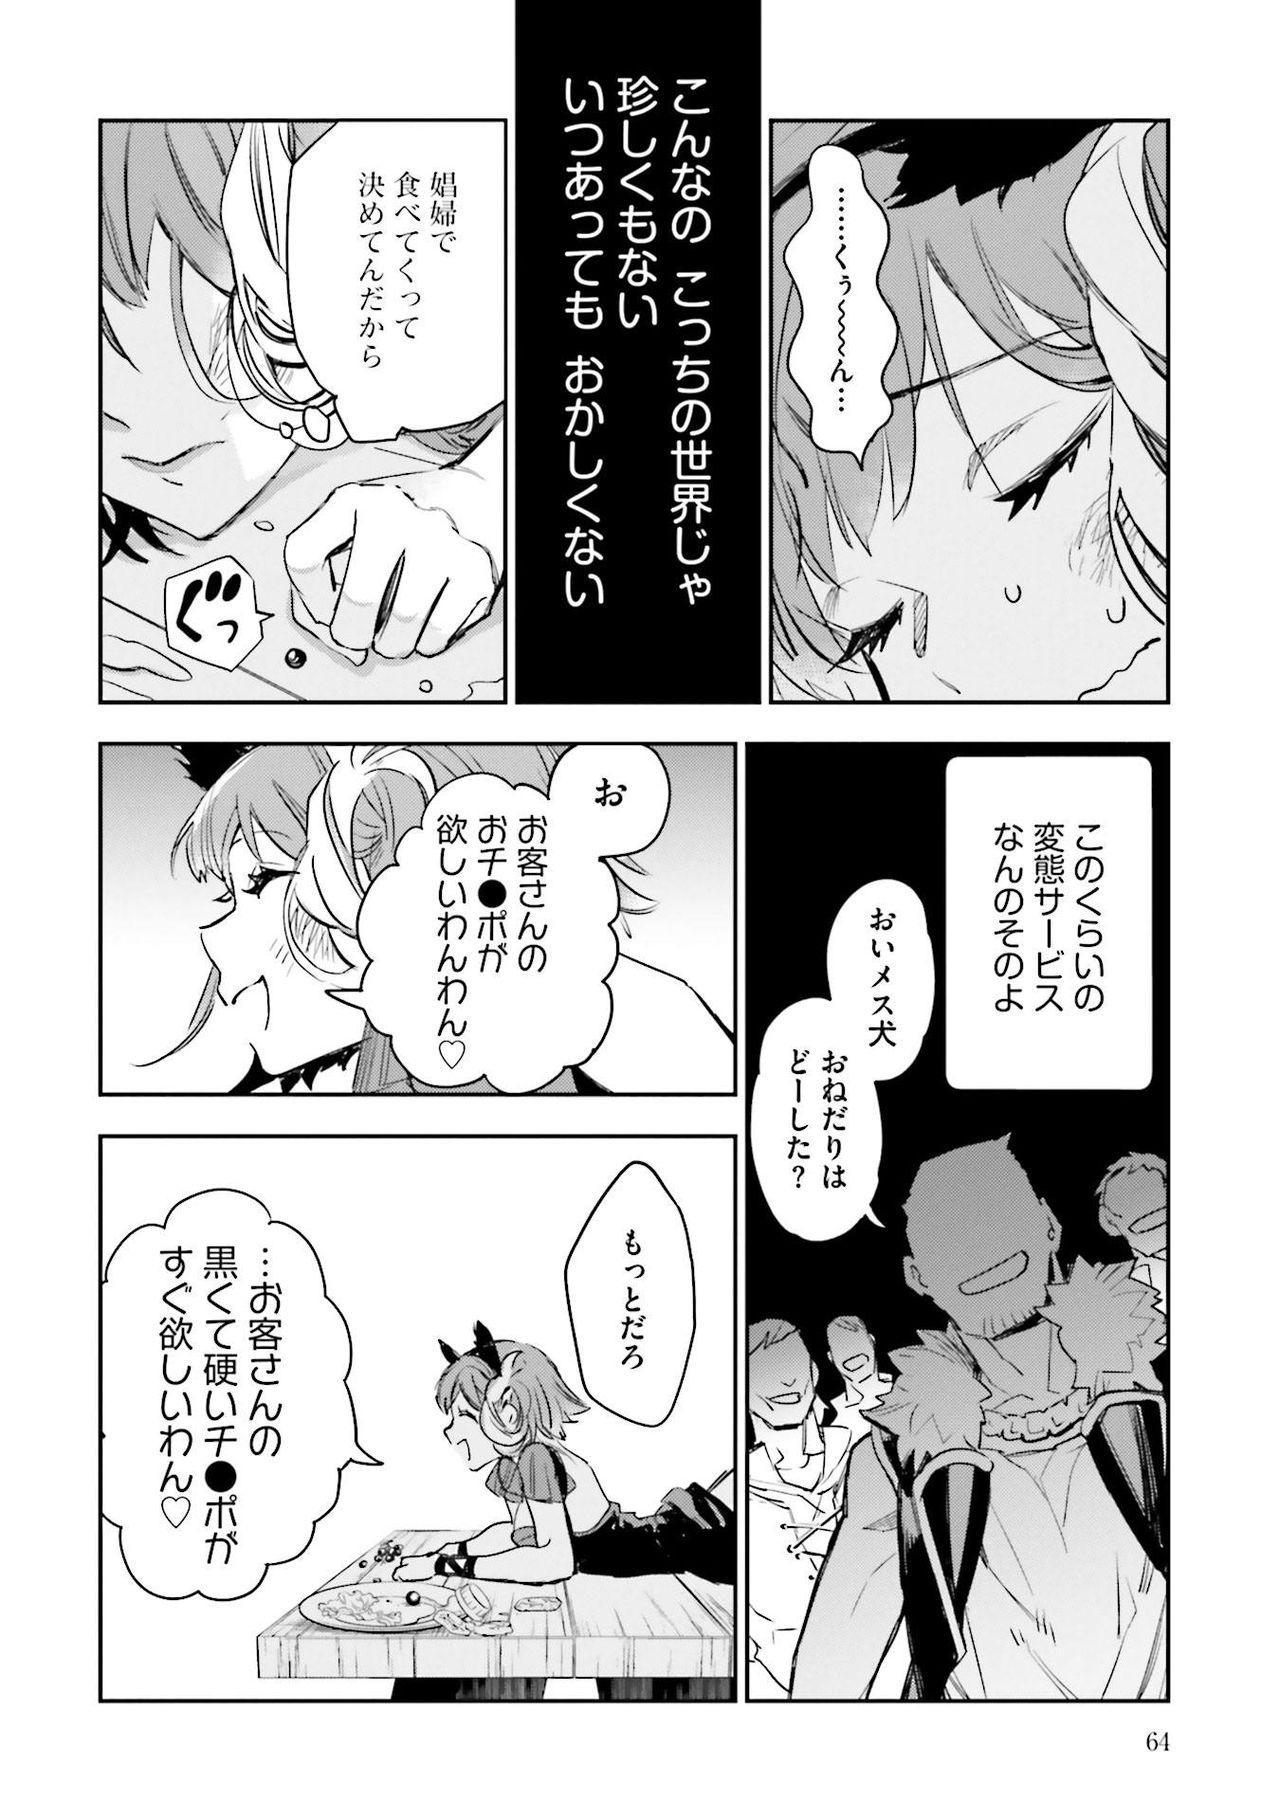 JK Haru wa Isekai de Shoufu ni Natta 1-14 252